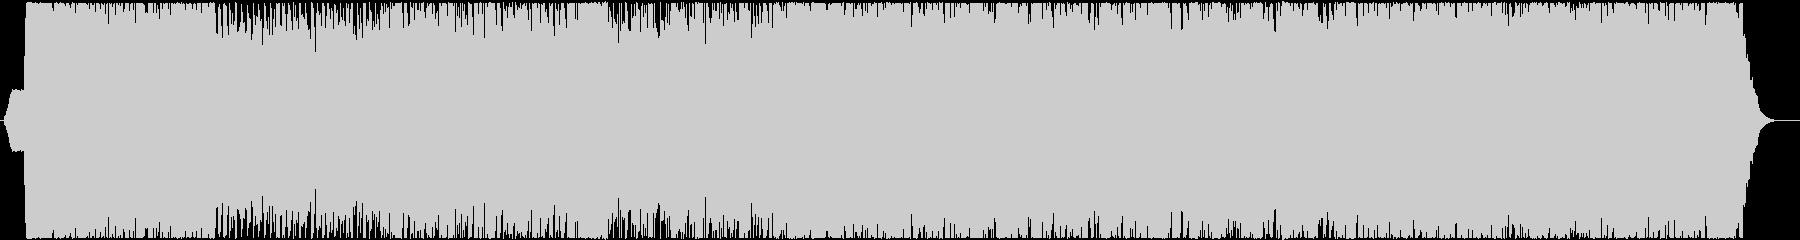 ミドルテンポなダークなロックサウンドの未再生の波形